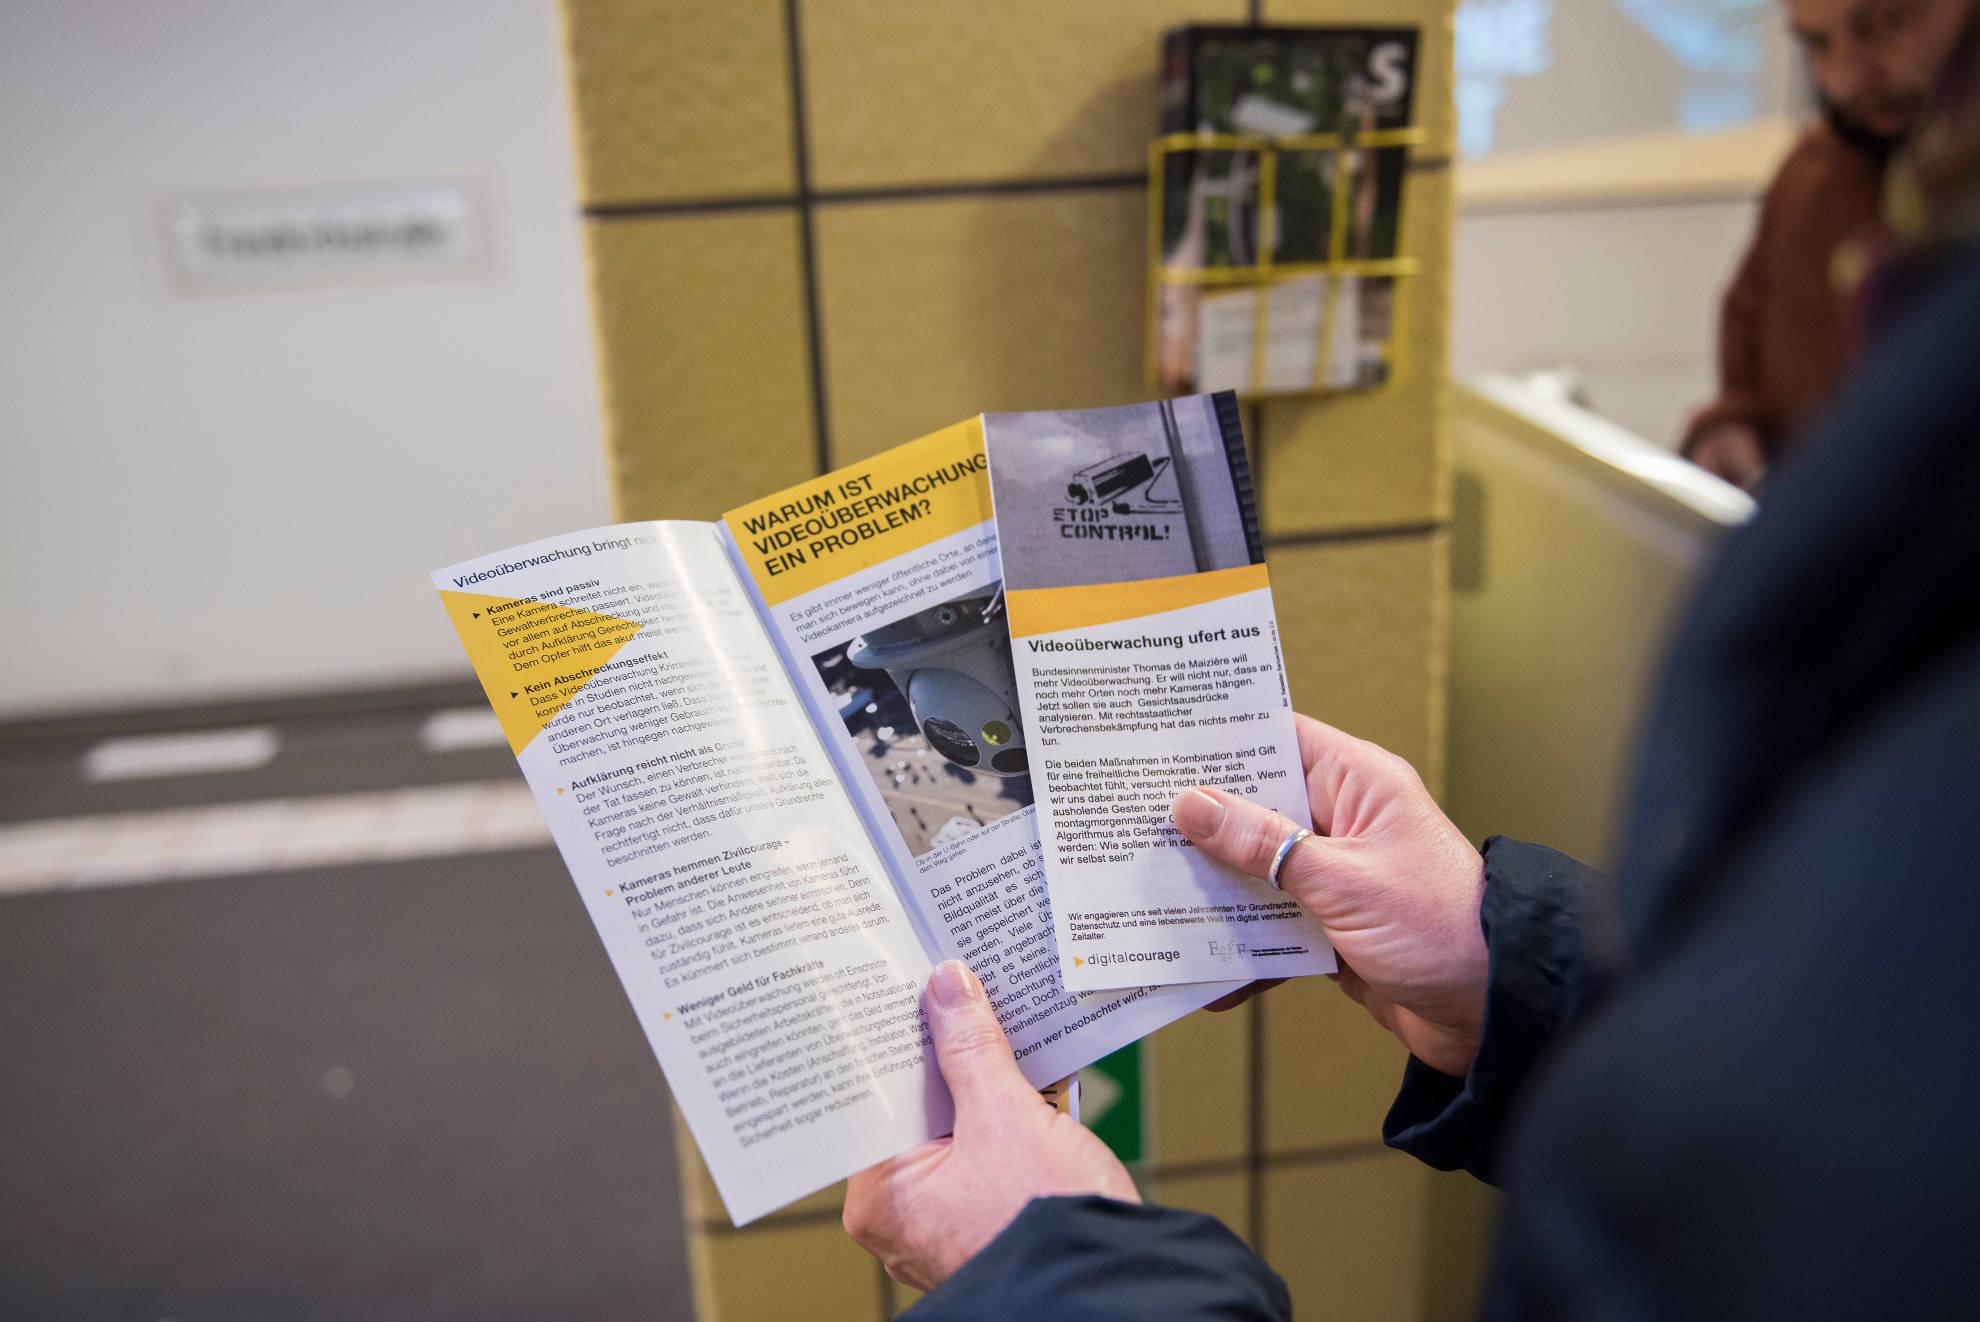 Flyer haben wir auch verteilt: mit tieferen Informationen, was Videoüberwachung einer demokratischen Gesellschaft antut.